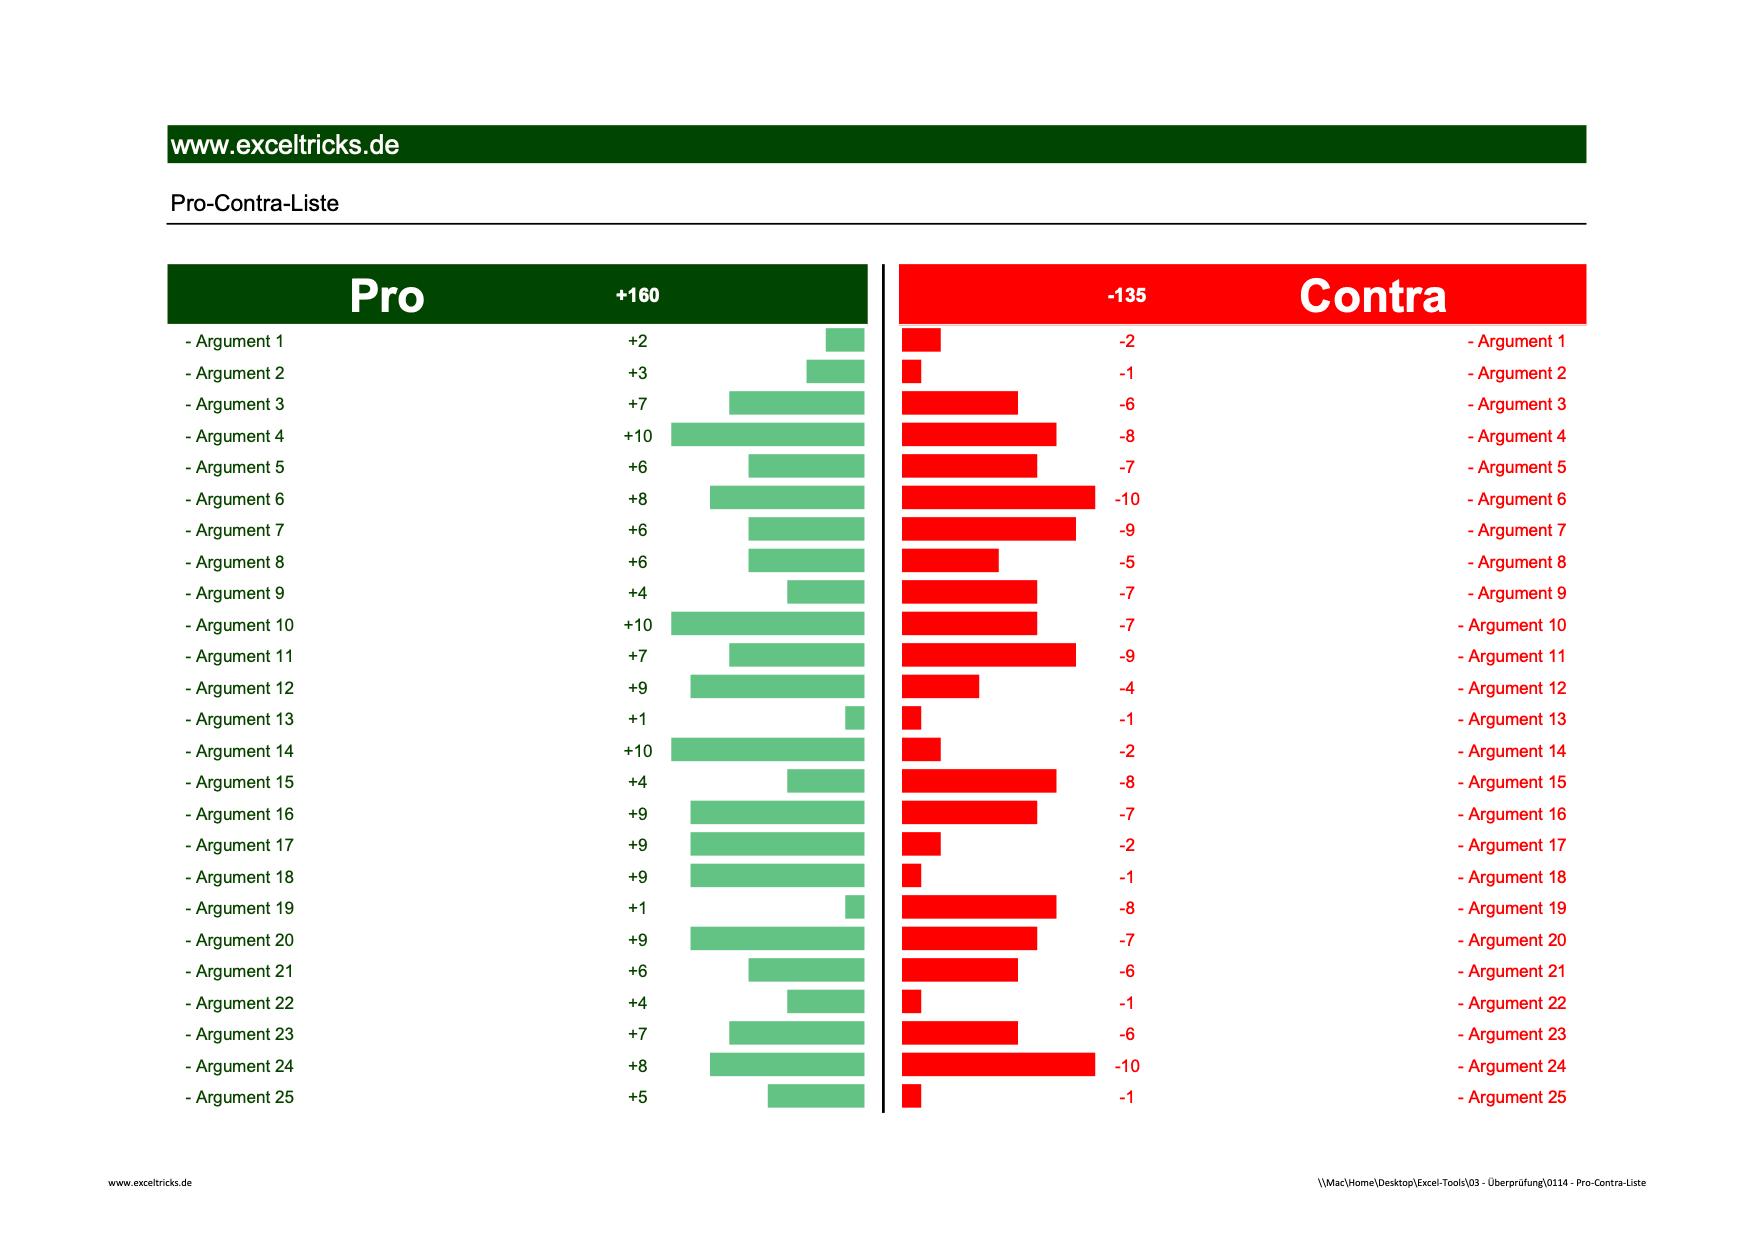 Mit der Excel-Vorlage Pro-Contra-Liste bessere